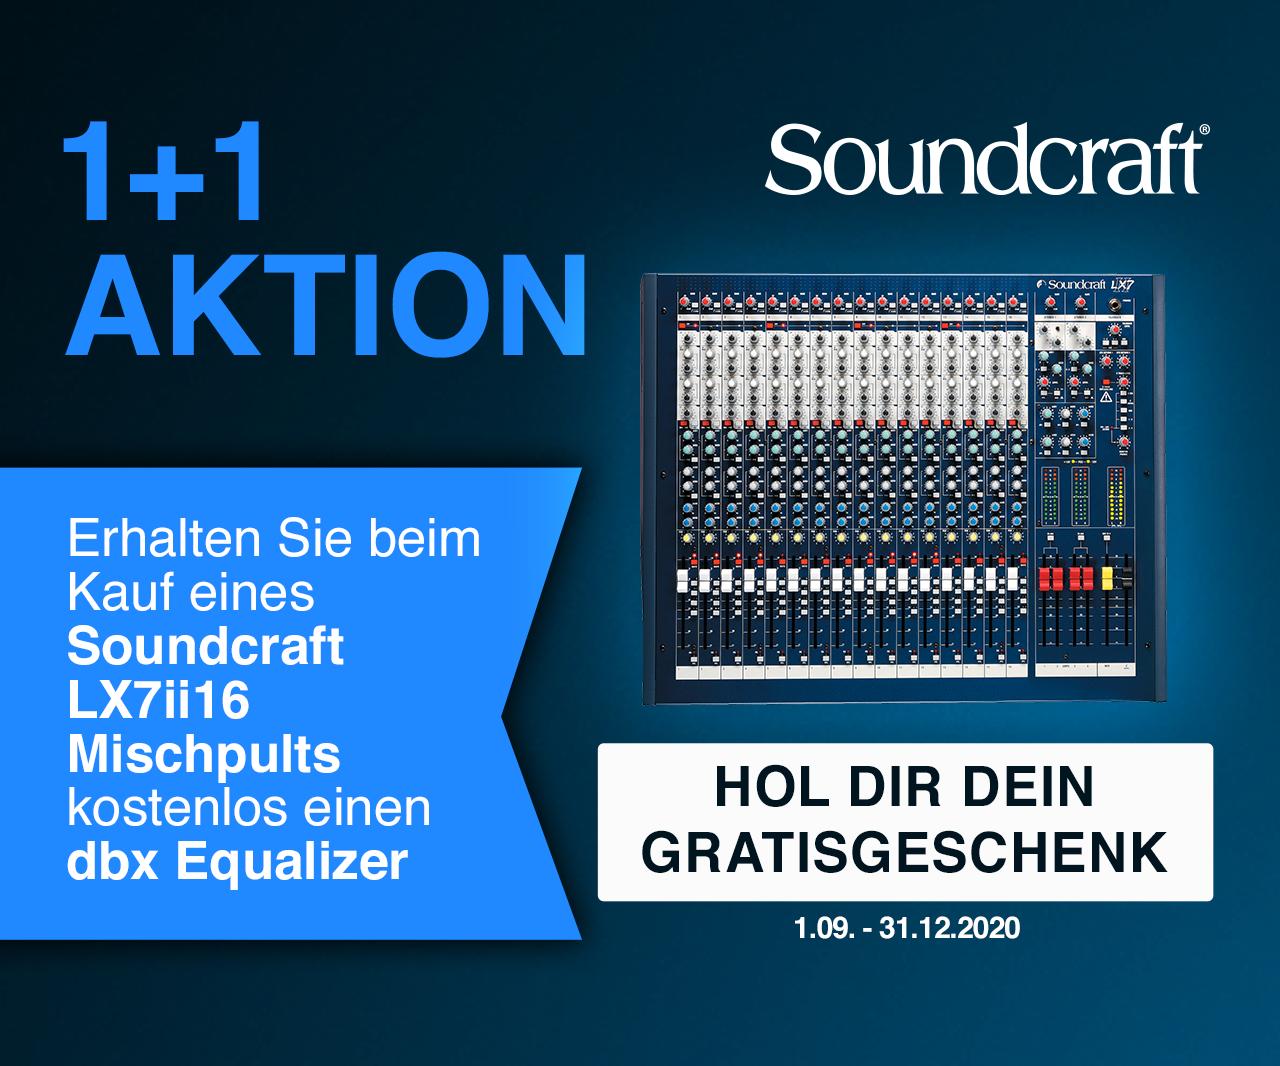 Soundcraft LX7 II 16 + dbx